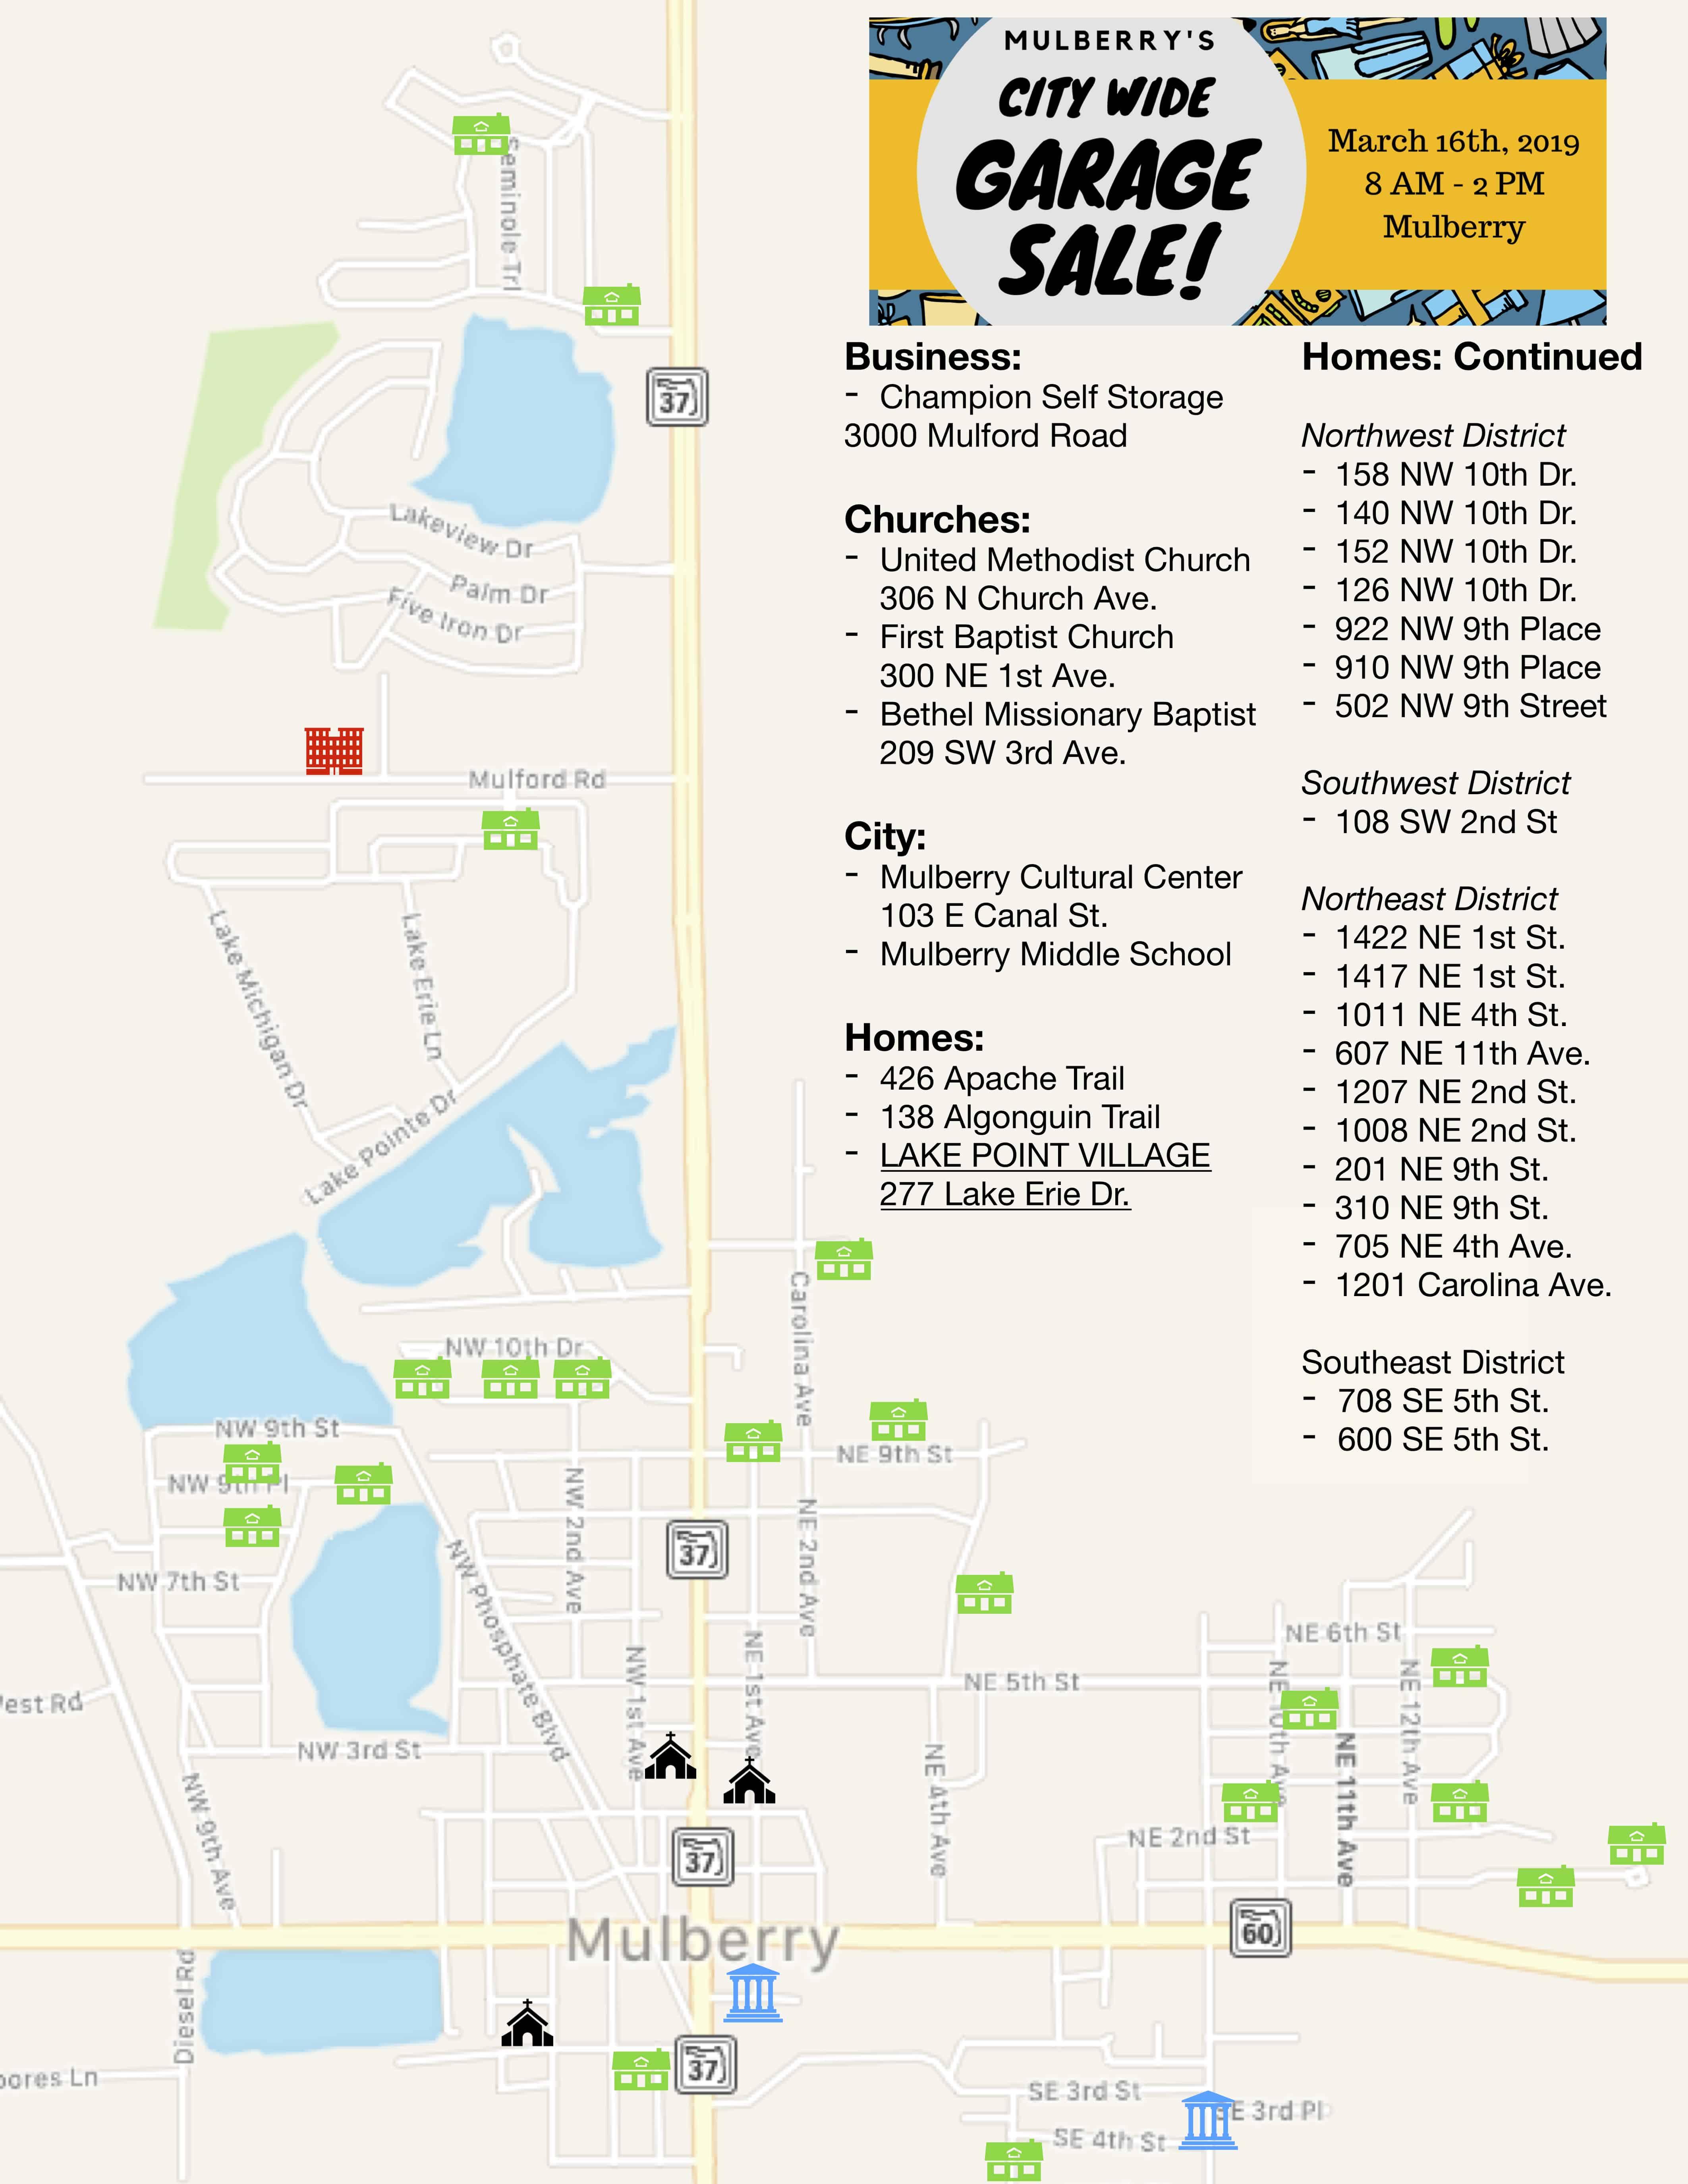 Garage Sale Map 2019